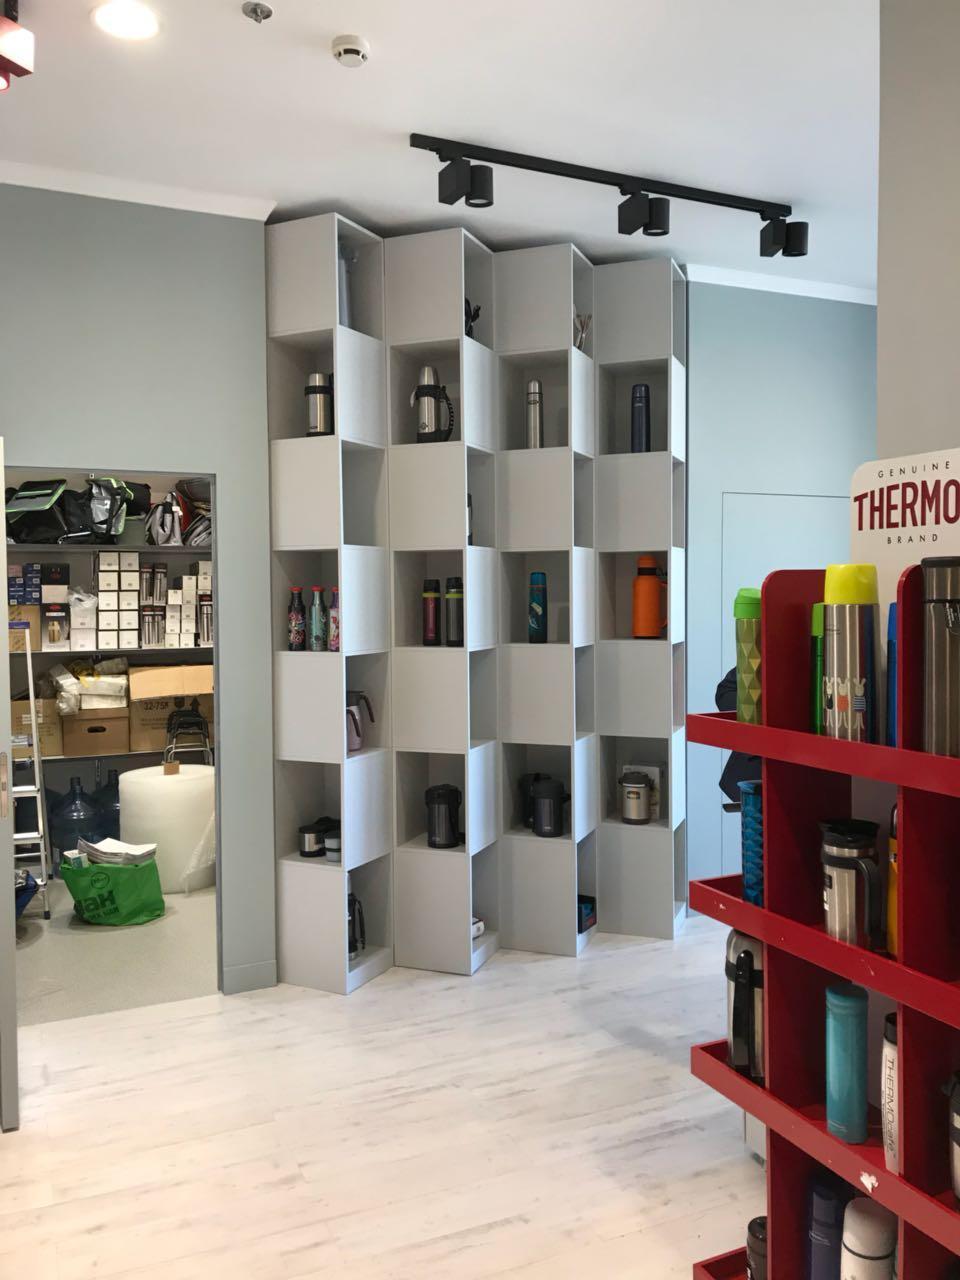 Дизайнерские шкафы в офис Thermos